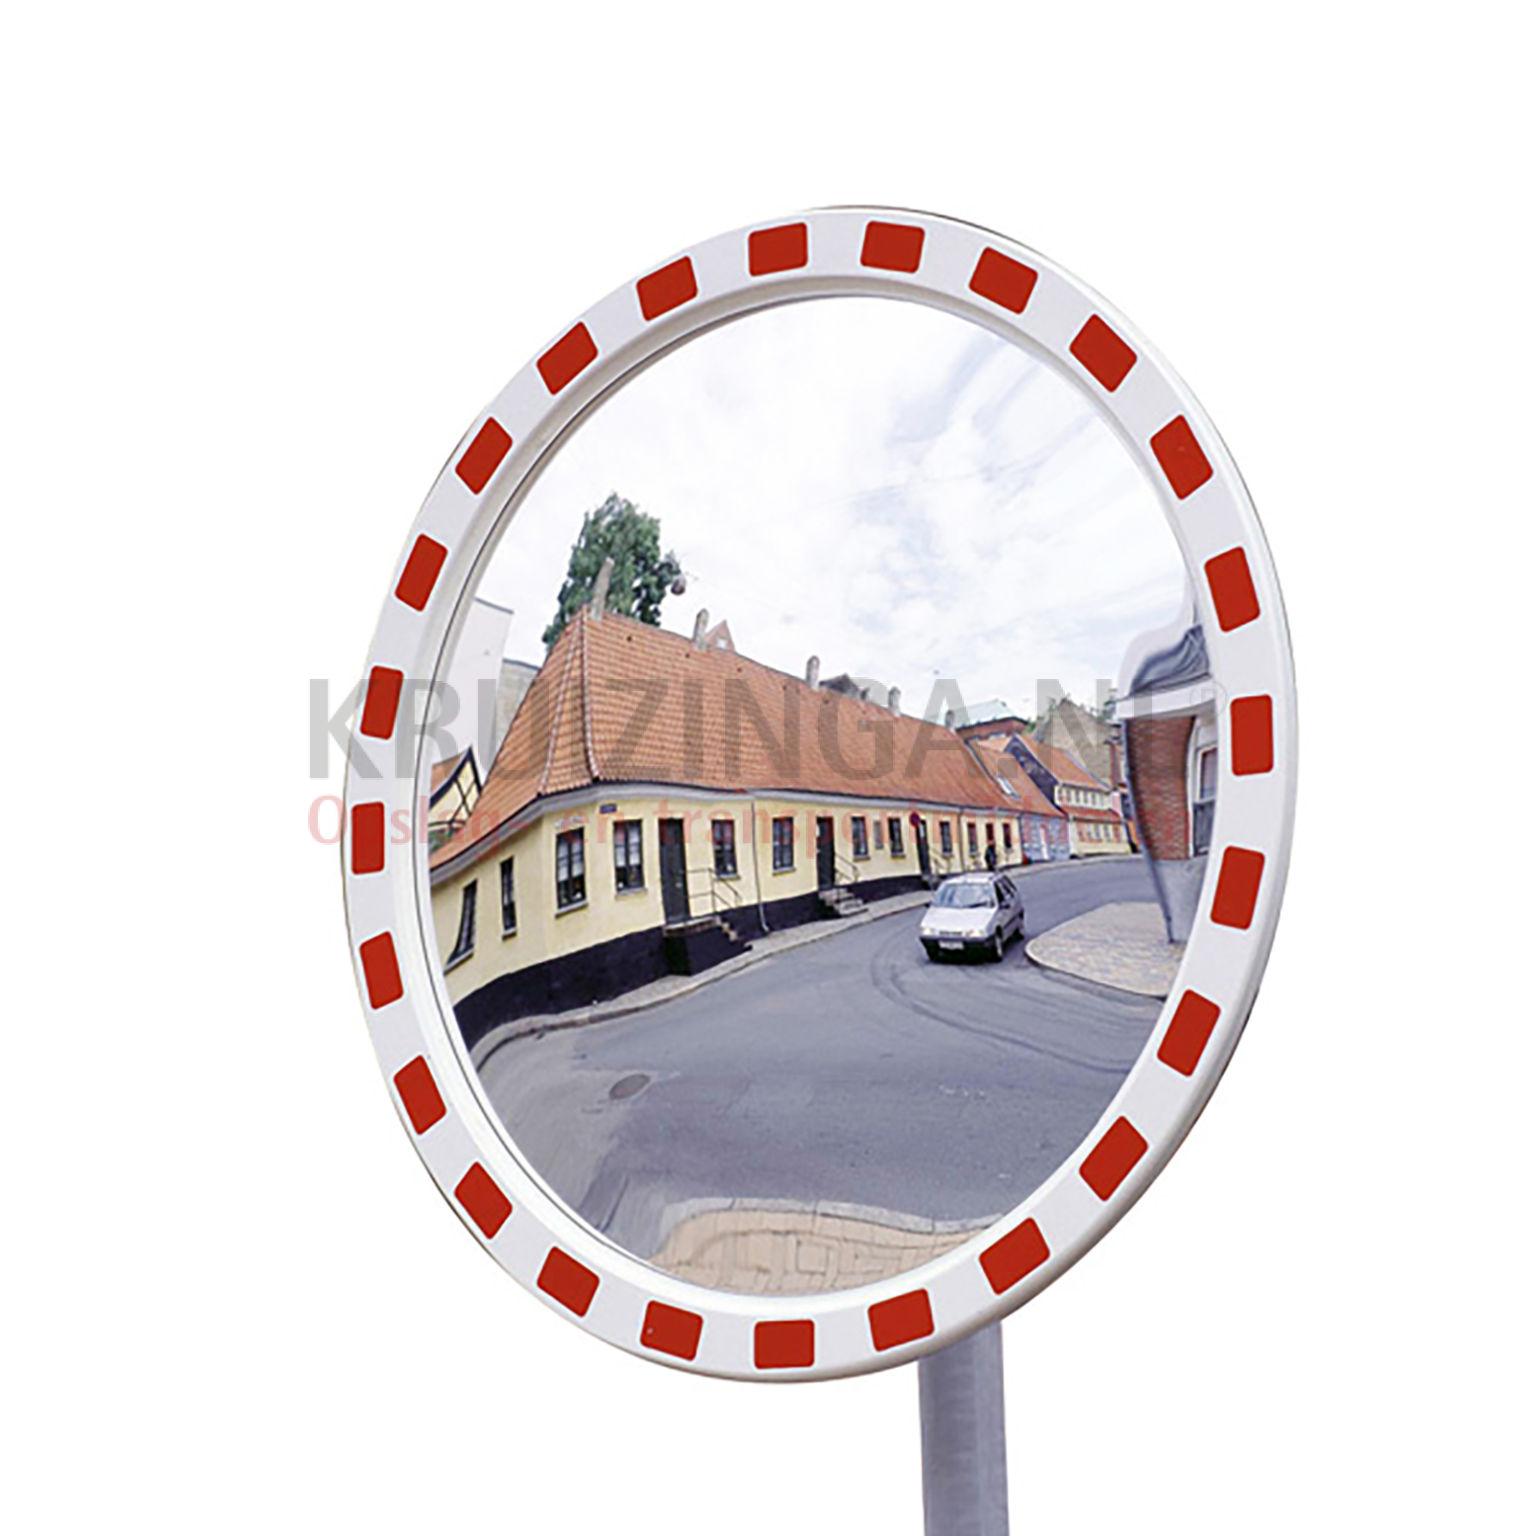 miroirs de s curit s curit et marquage basic miroir routier acrylique 60 cm partir de 216. Black Bedroom Furniture Sets. Home Design Ideas